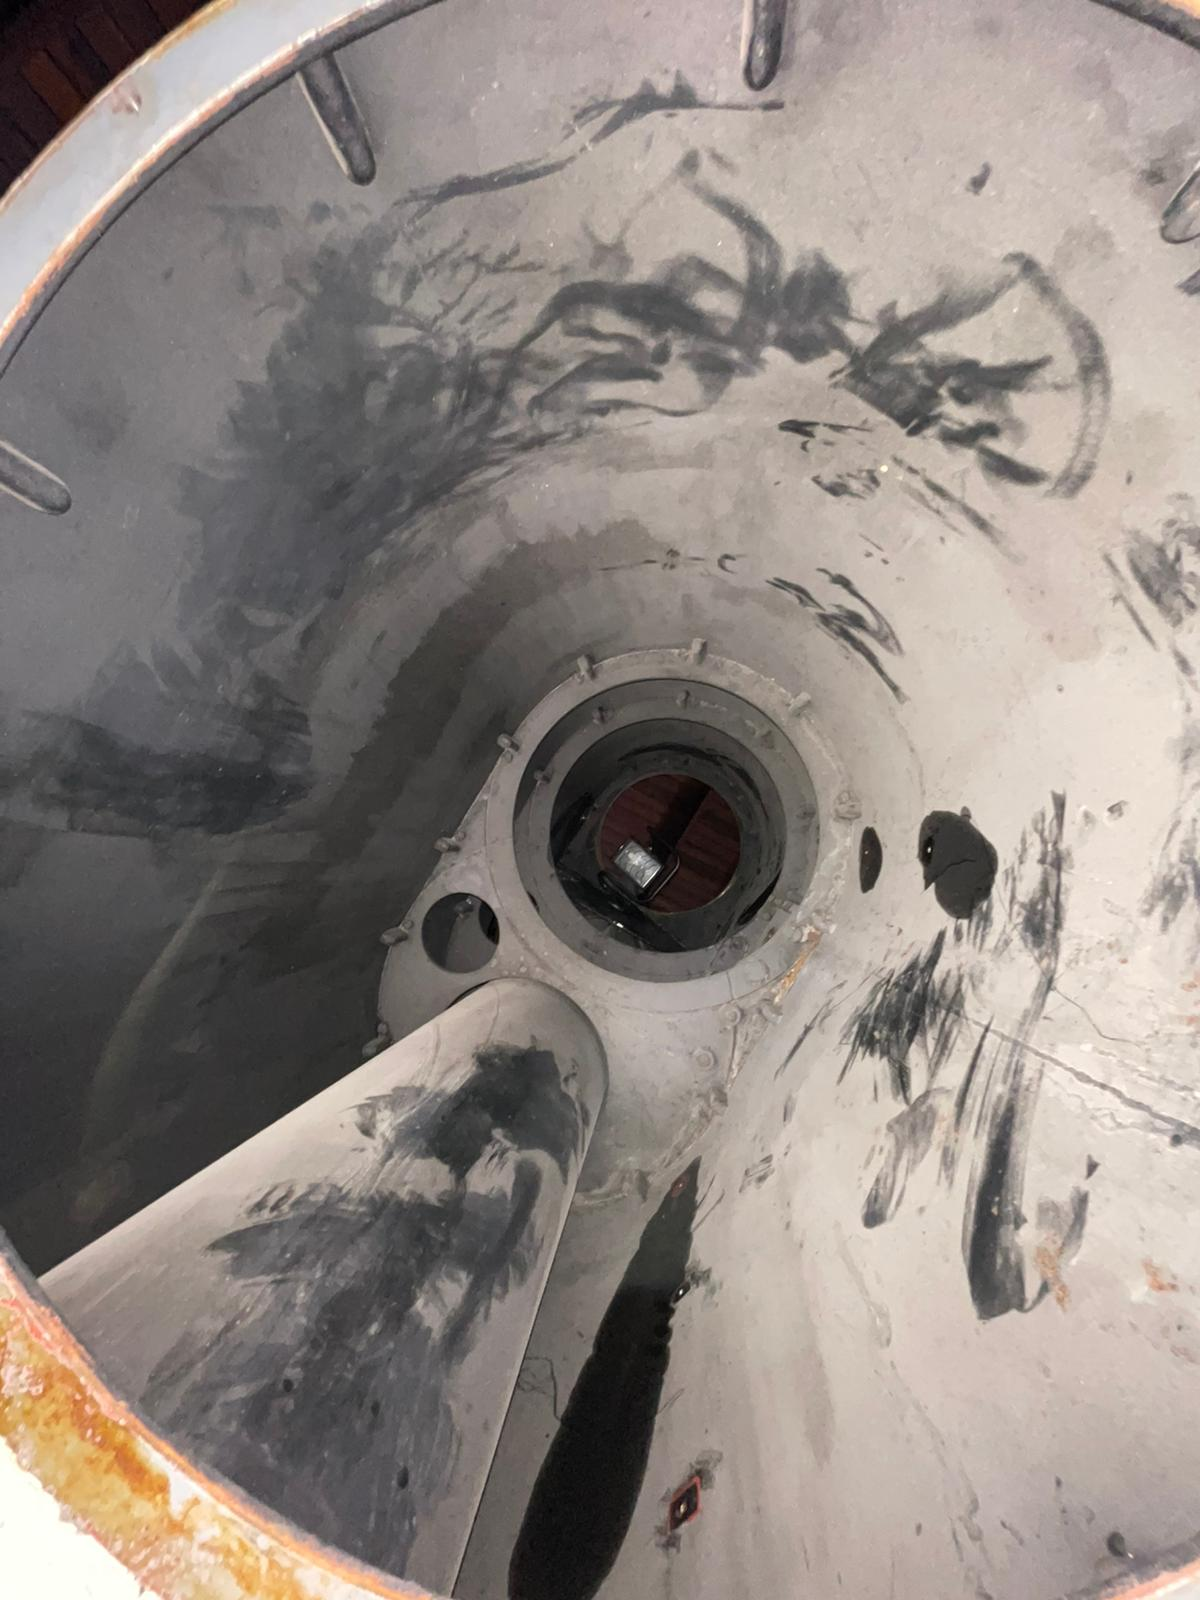 Innenansicht des Tubus, unten Schutzhülle des 20-cm-Zeiss-Linsenteleskops.